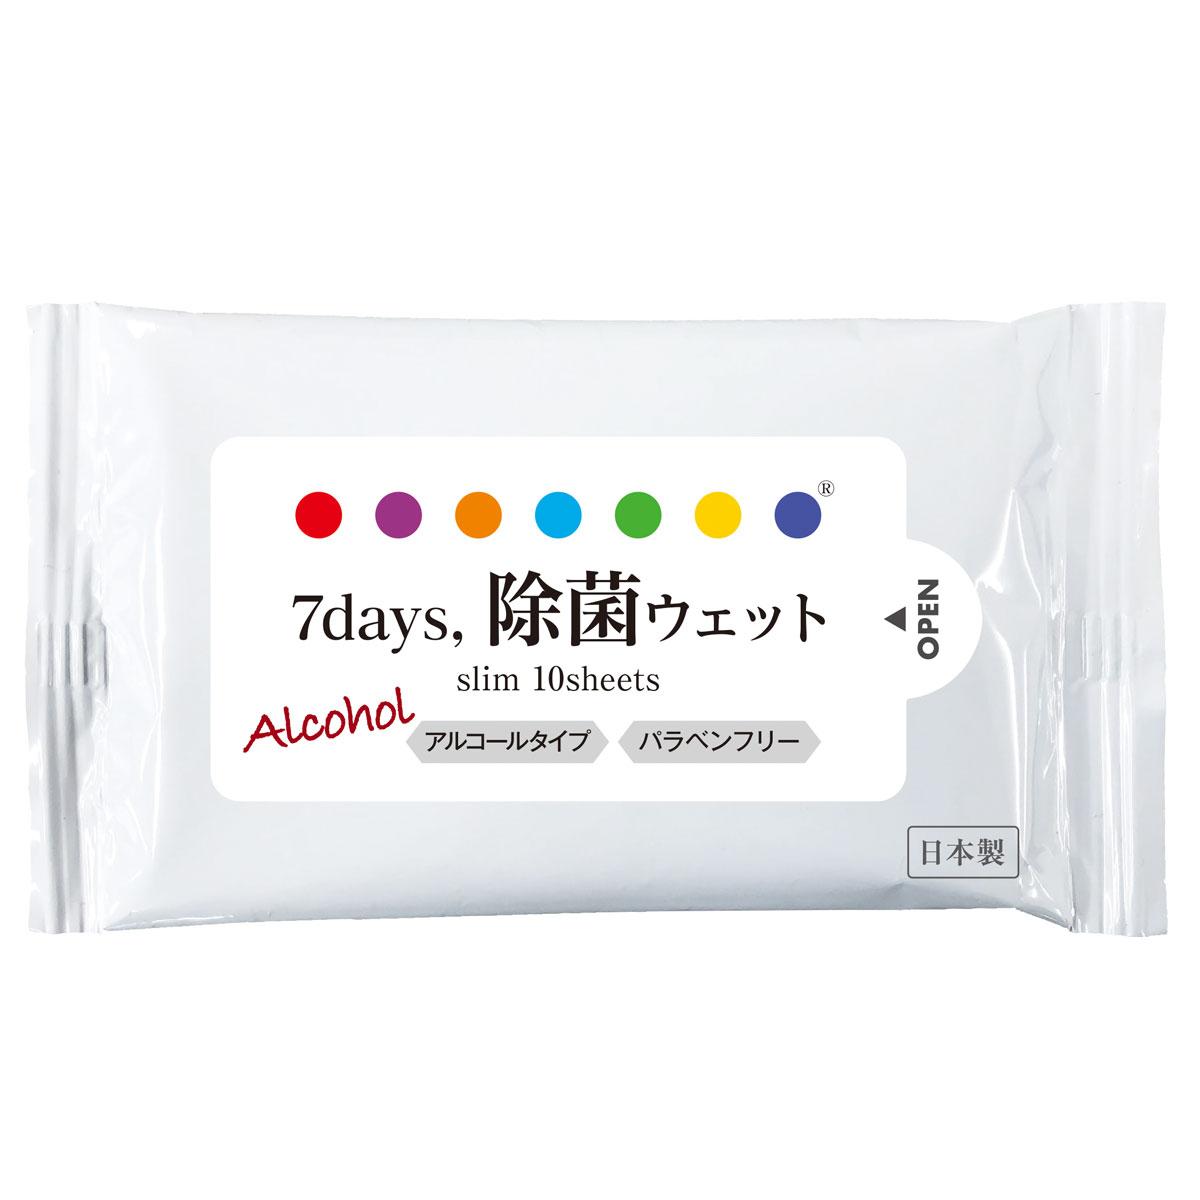 除菌ウェット セブンデイズ(アルコール・スリムサイズ10枚入り)